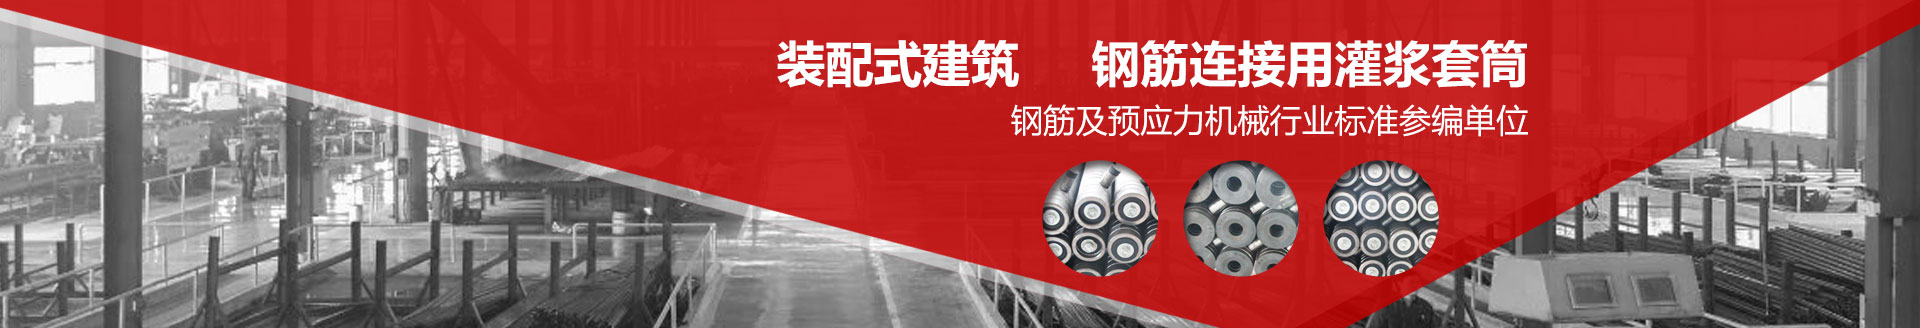 内页banner3